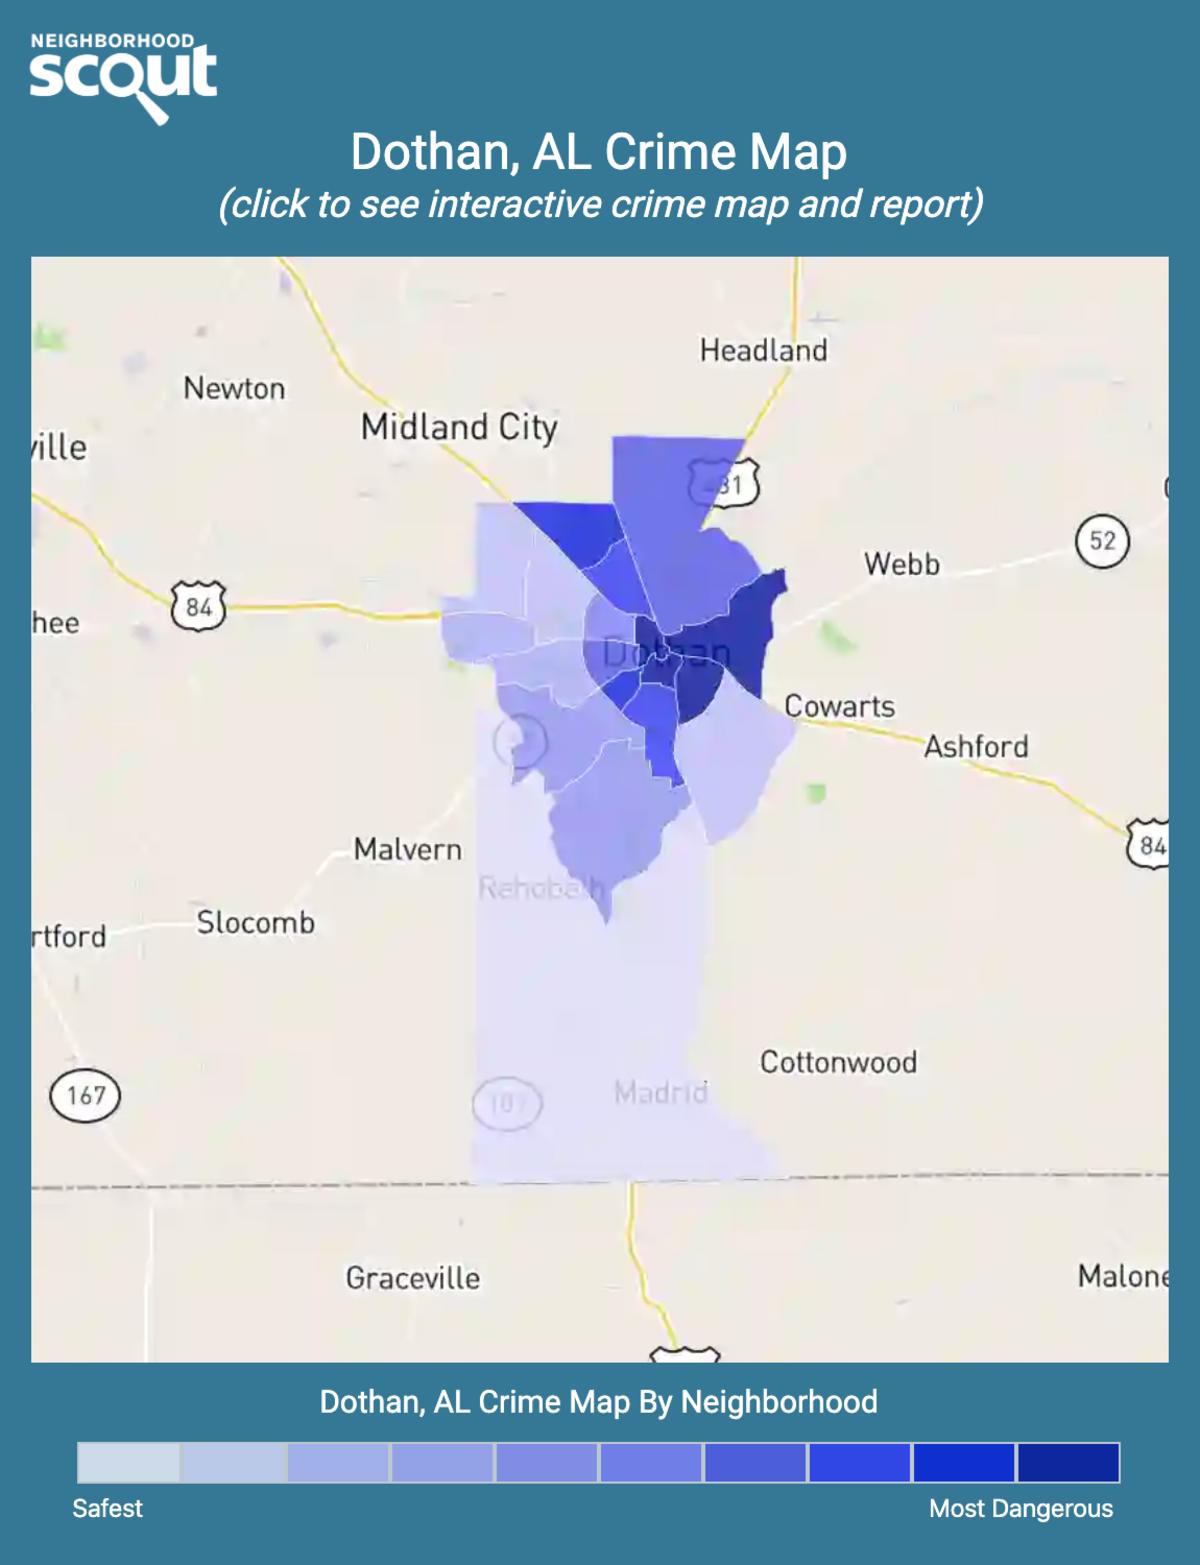 Dothan, Alabama crime map